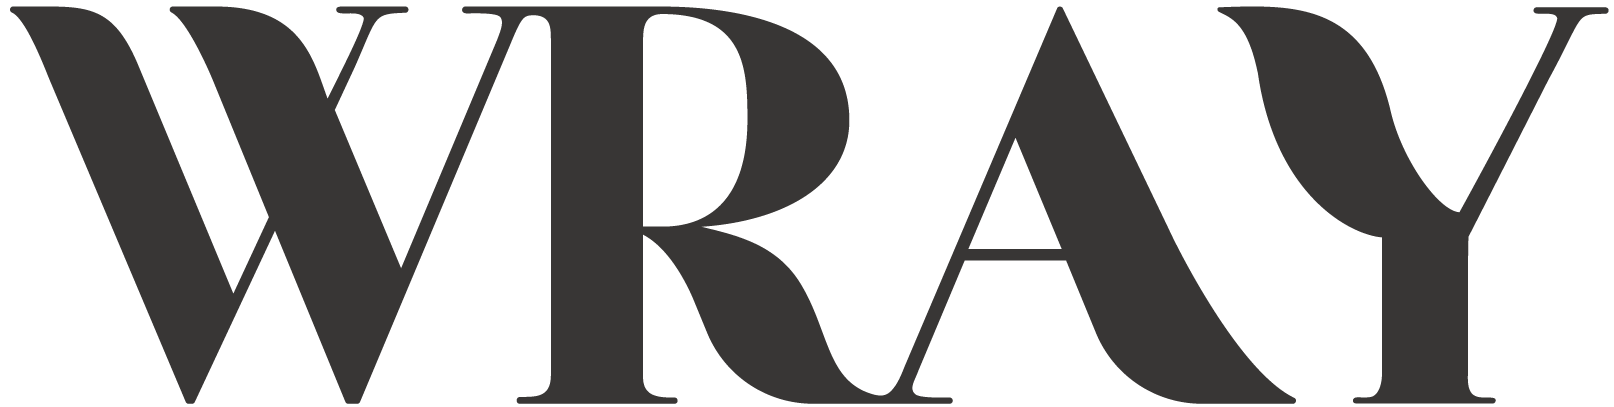 WRAY [レイ] – 女性のベストパフォーマンスをサポートするヘルスケアブランド